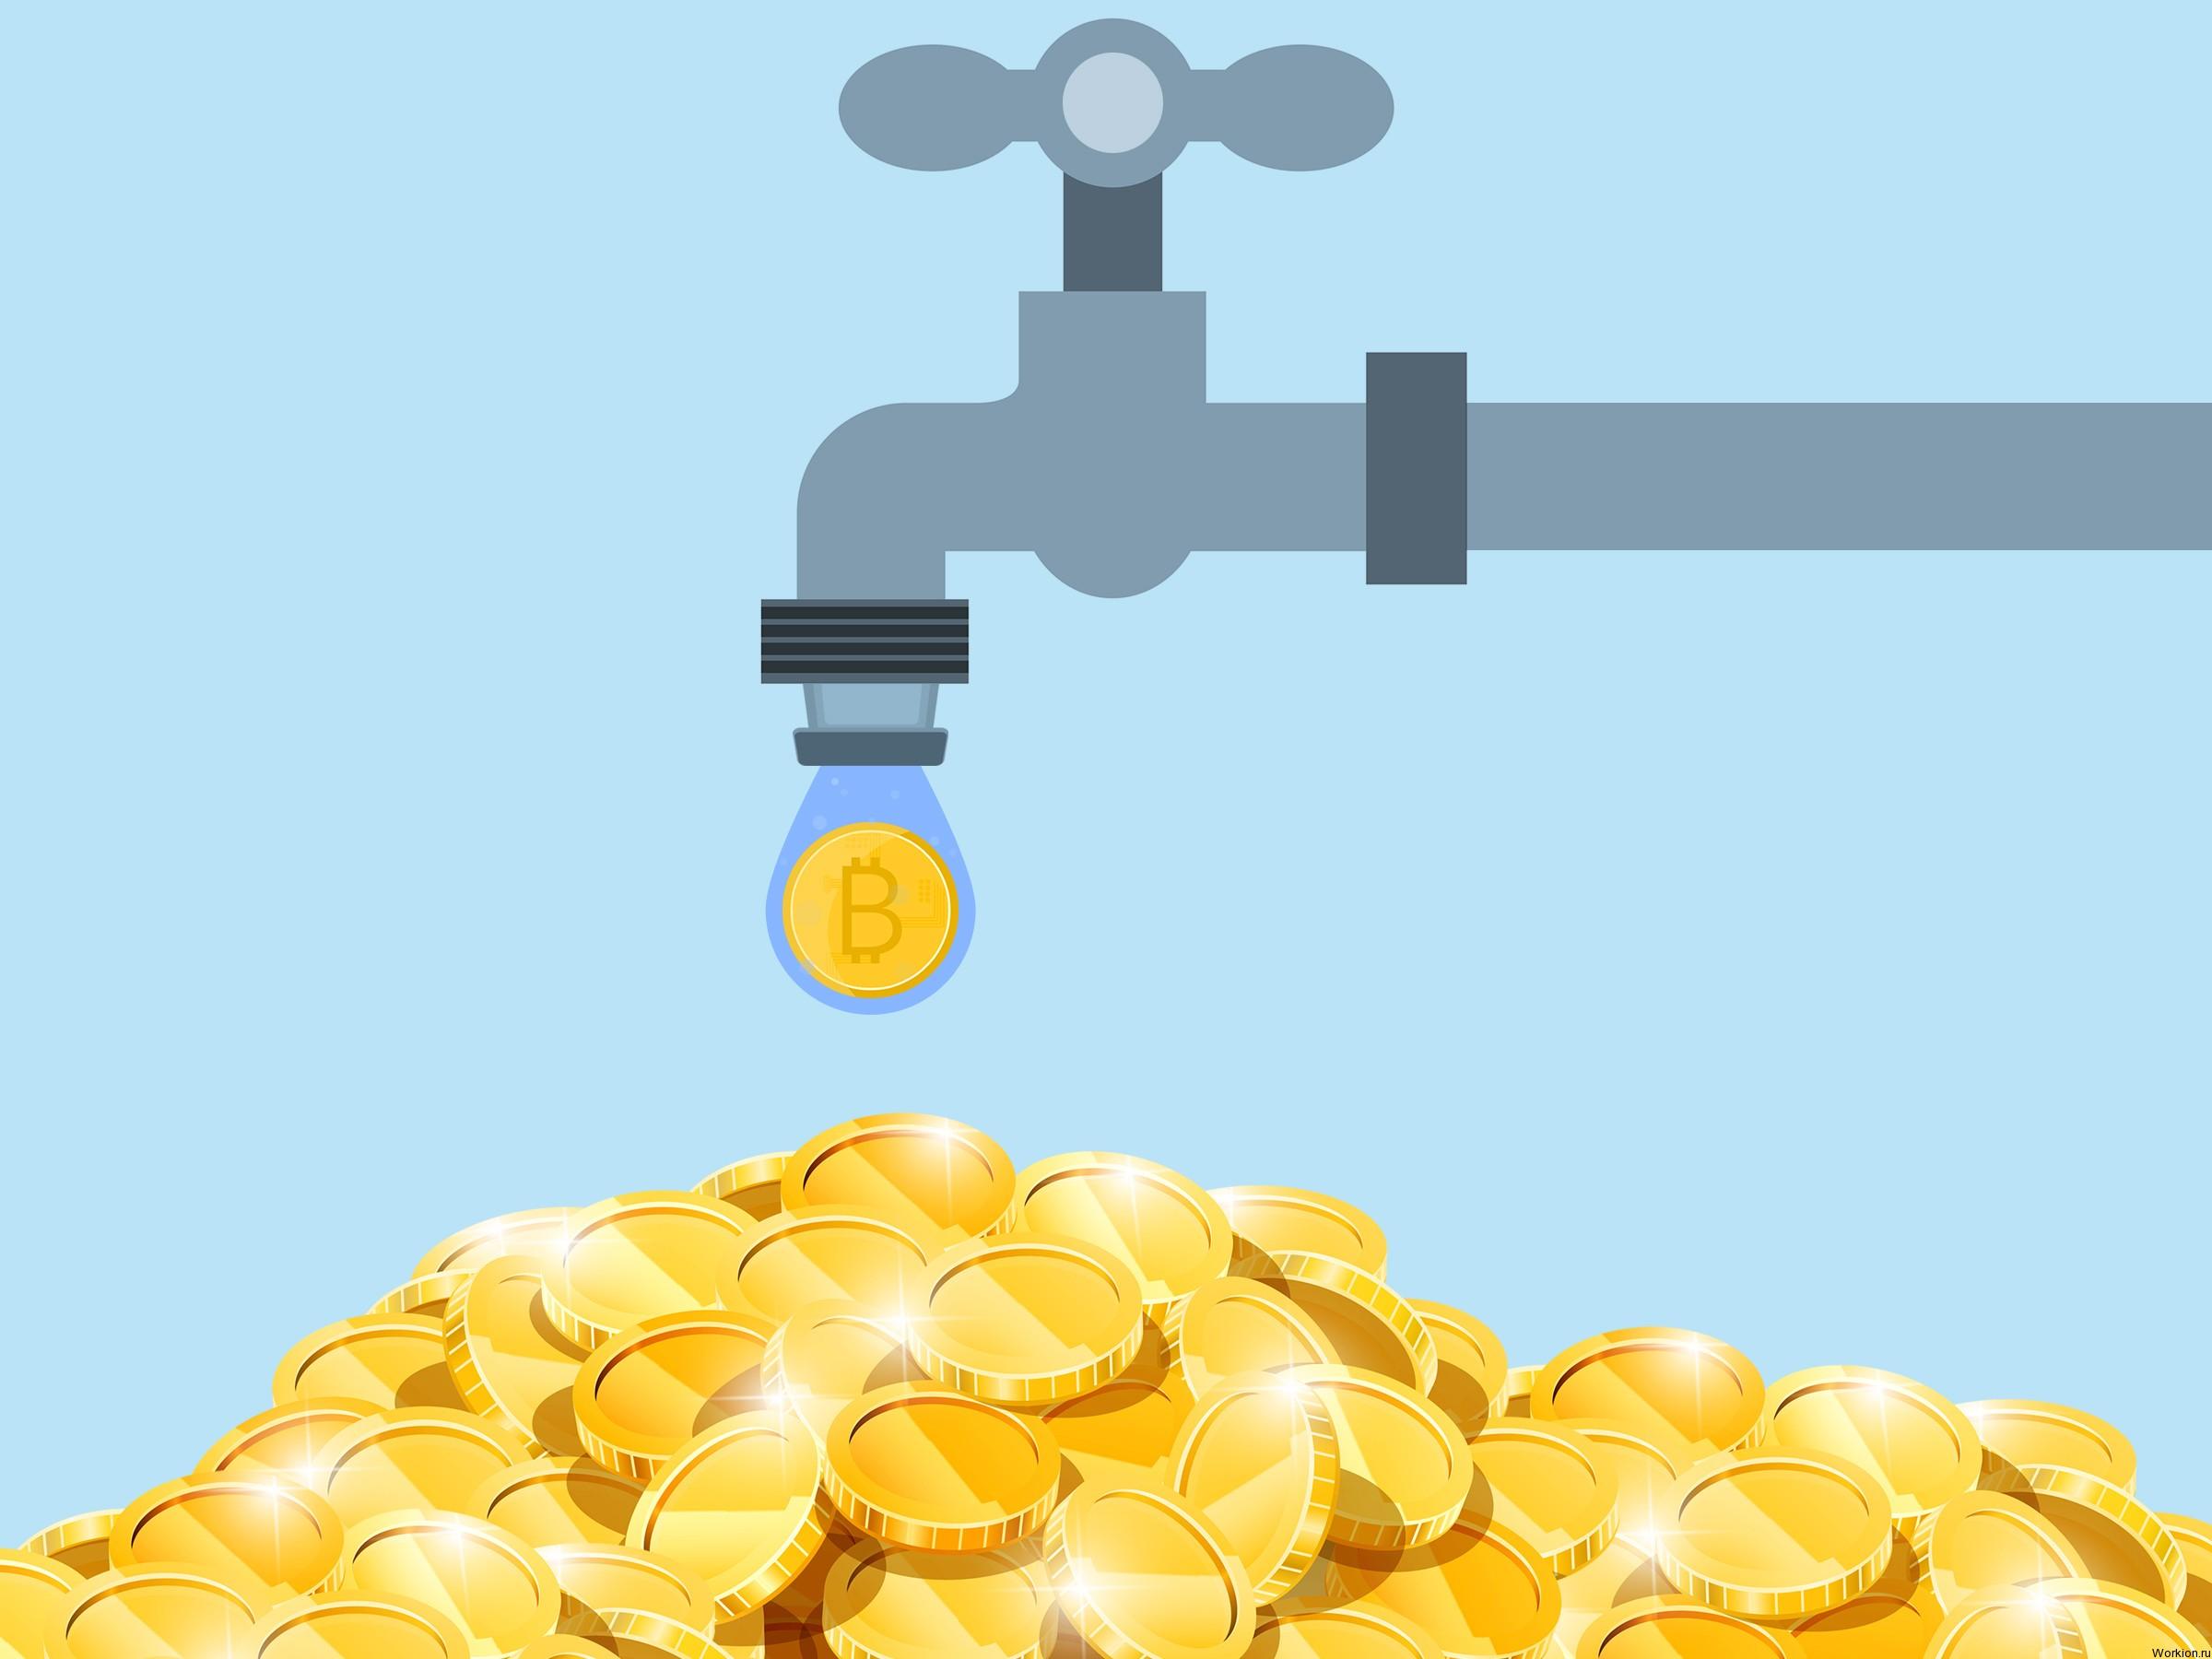 Сбор криптовалюты, стоит ли тратить время?